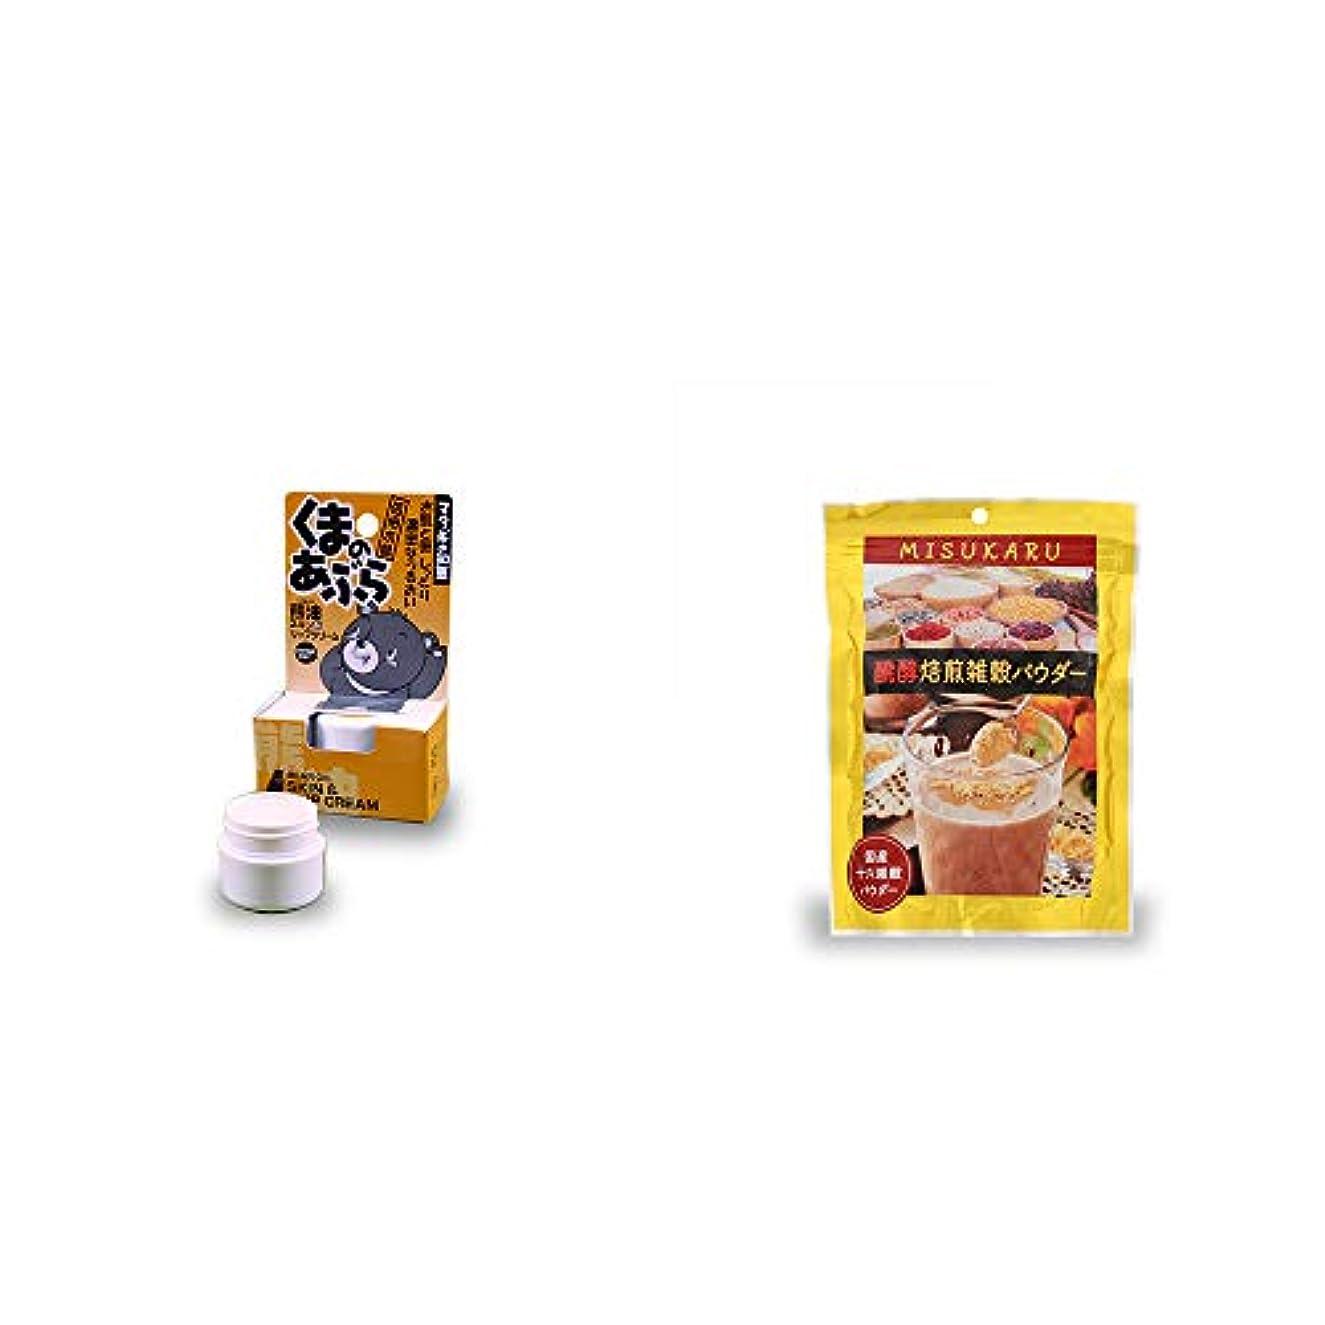 ネーピアアラバマ一時解雇する[2点セット] 信州木曽 くまのあぶら 熊油スキン&リップクリーム(9g)?醗酵焙煎雑穀パウダー MISUKARU(ミスカル)(200g)